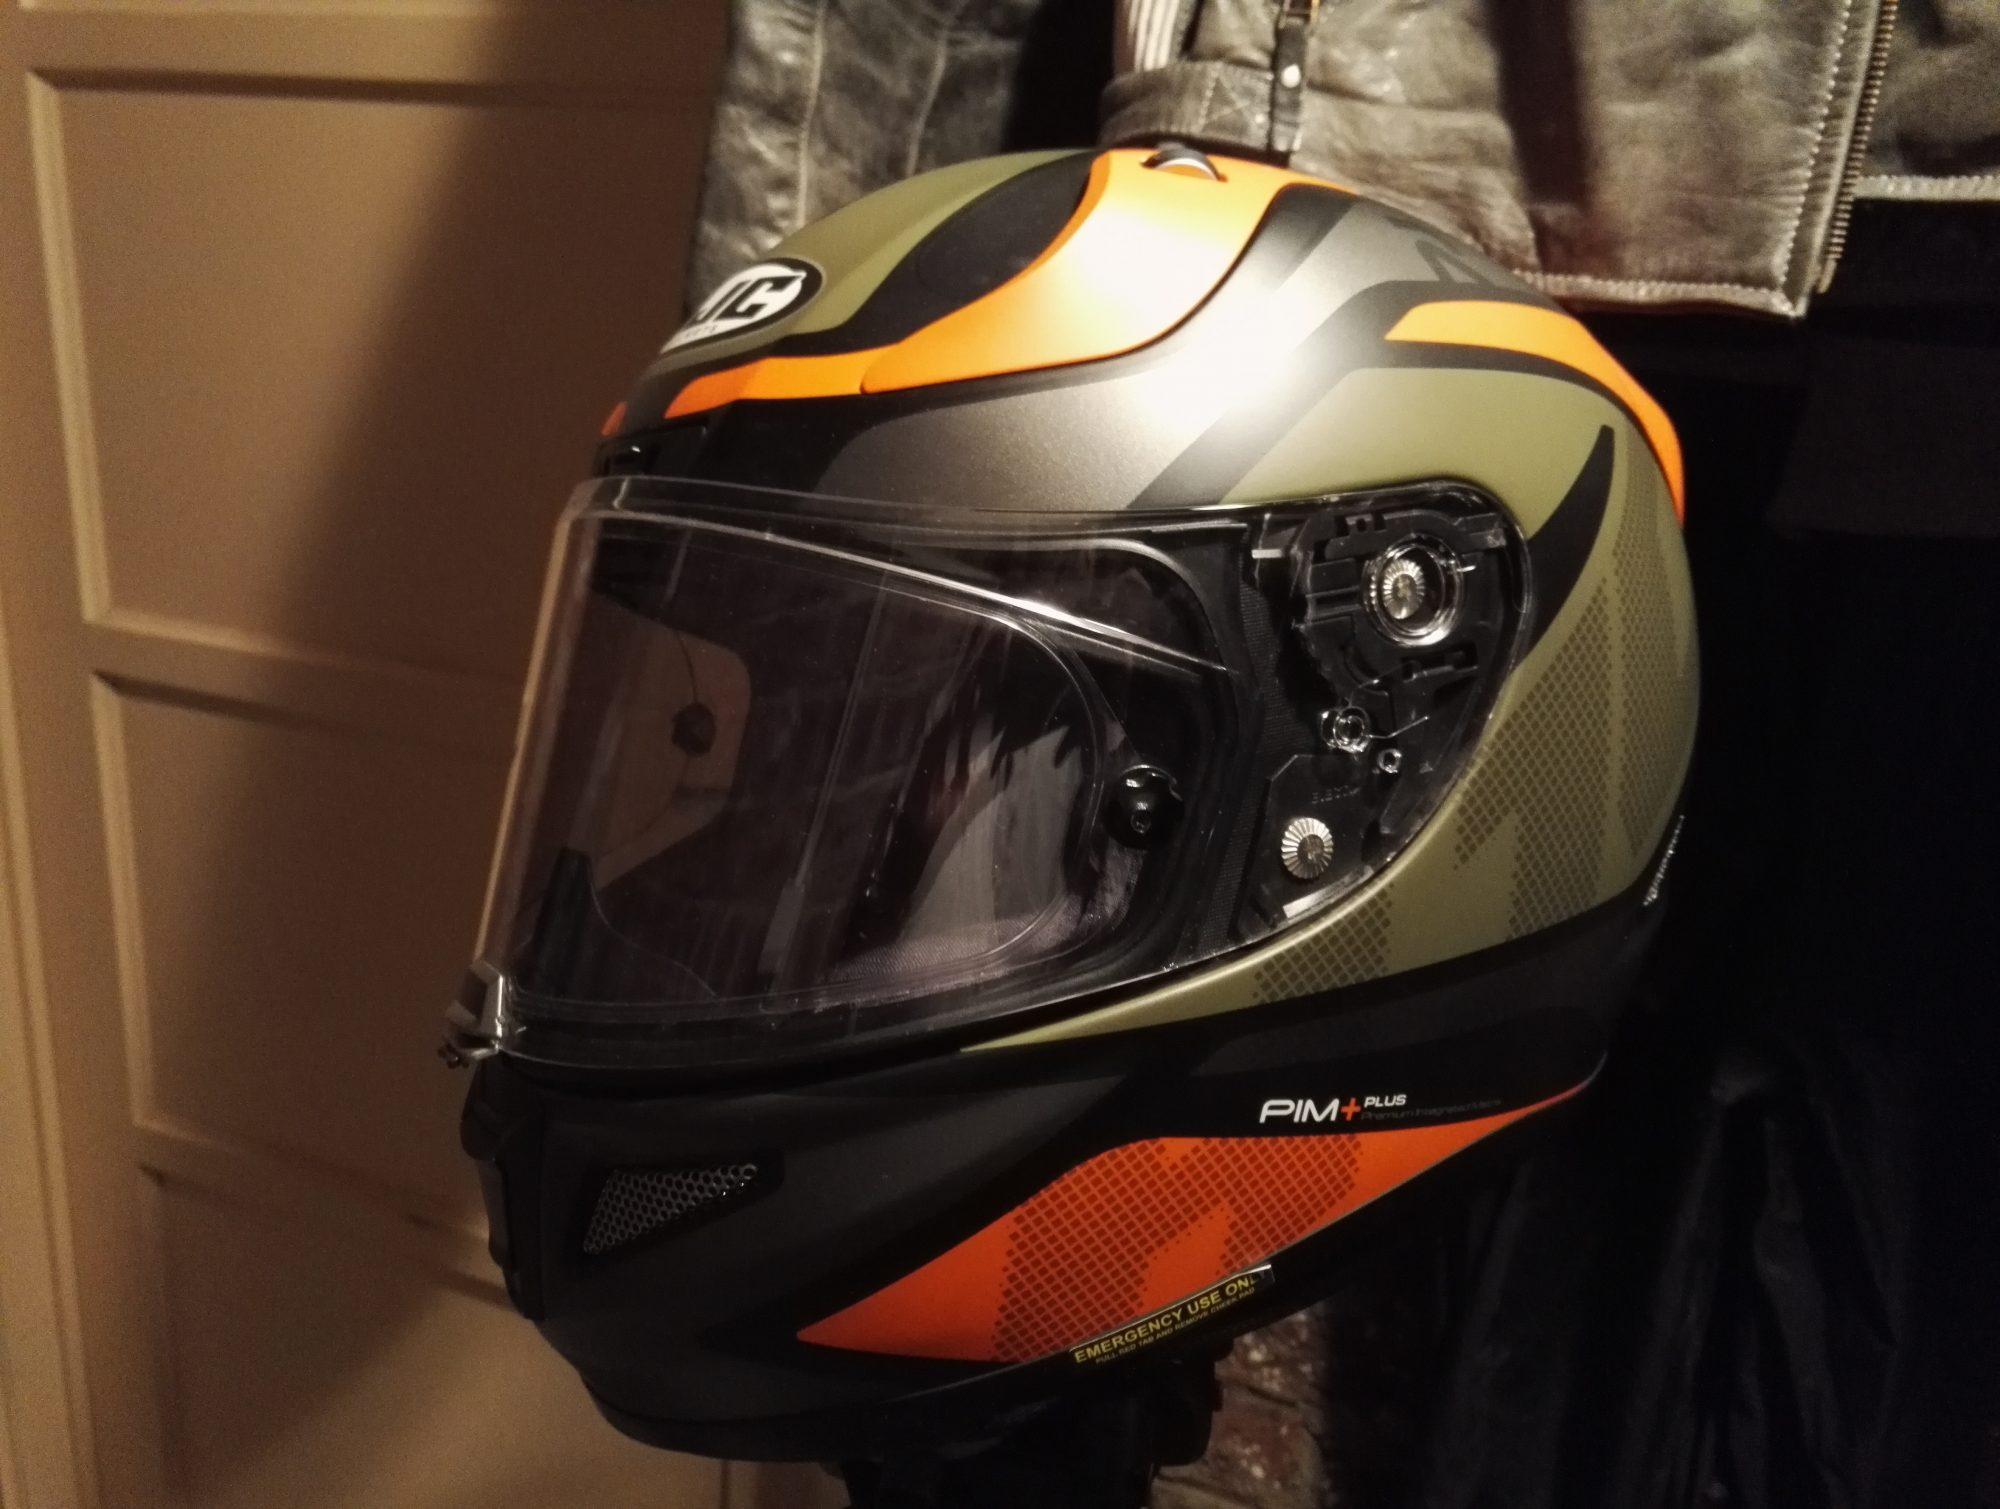 Le casque HJC Rpha 11, un concentré de technologie pour les sportifs